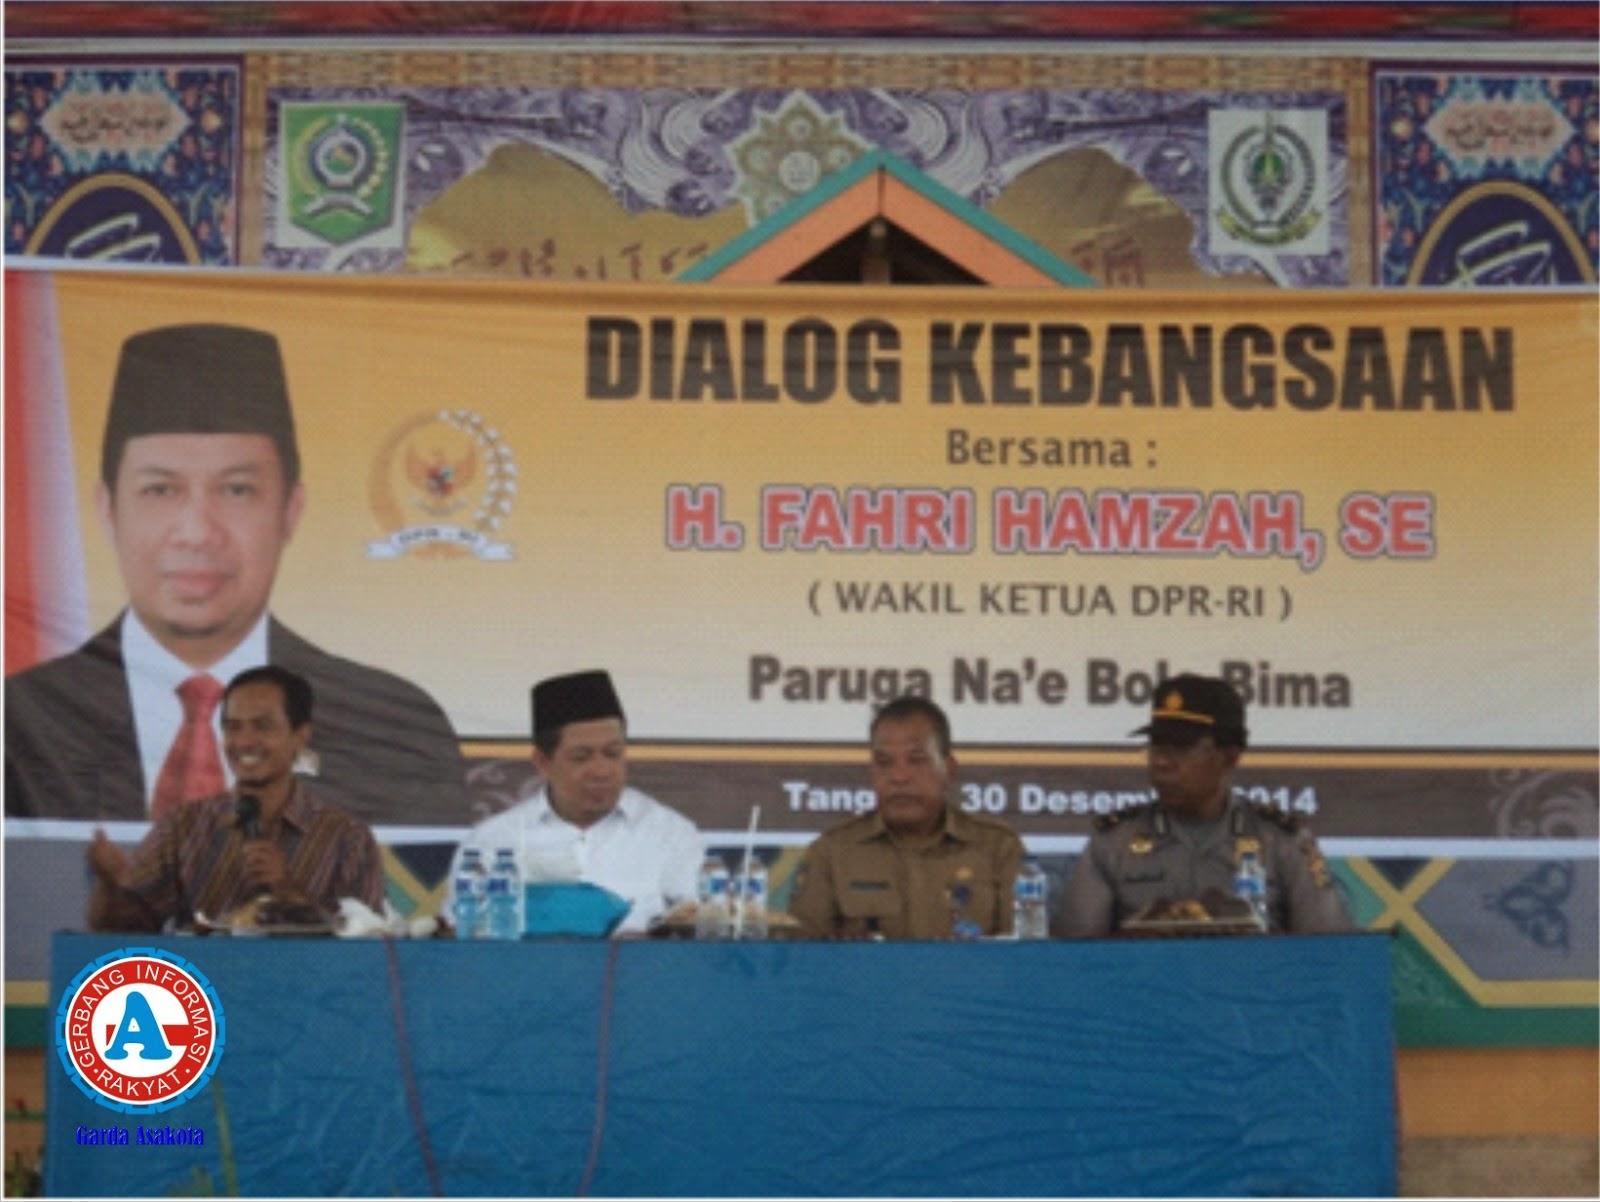 Wakil Ketua DPR RI Gelar Dialog Kebangsaan